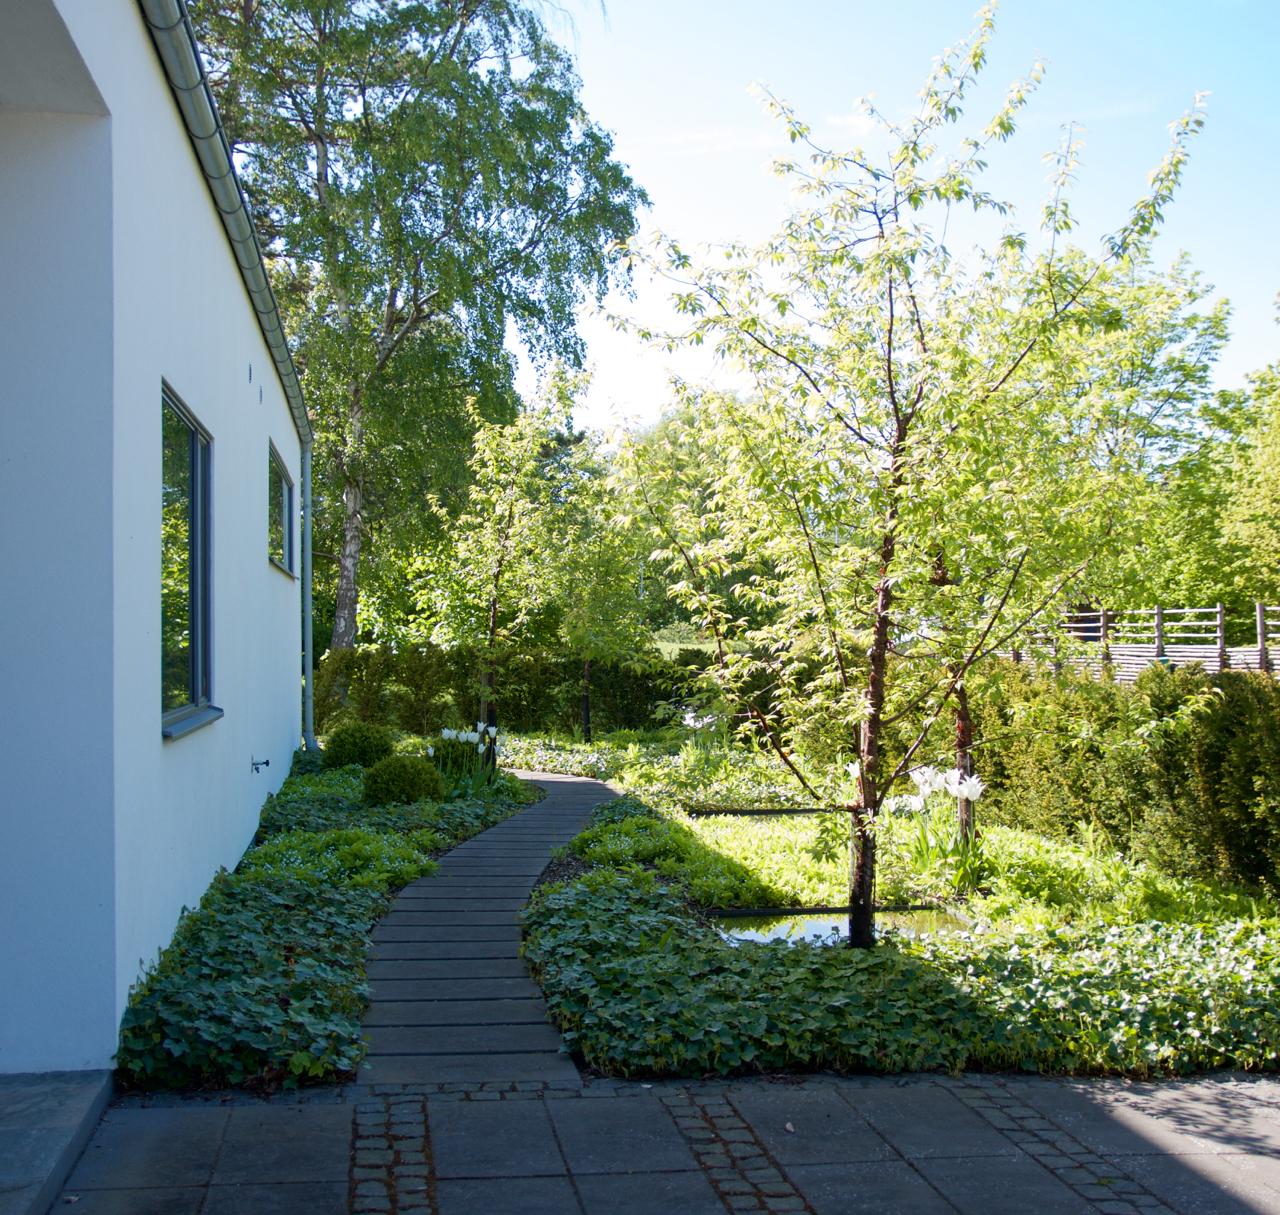 medelhav-arkiv - Arkitektens Trädgård